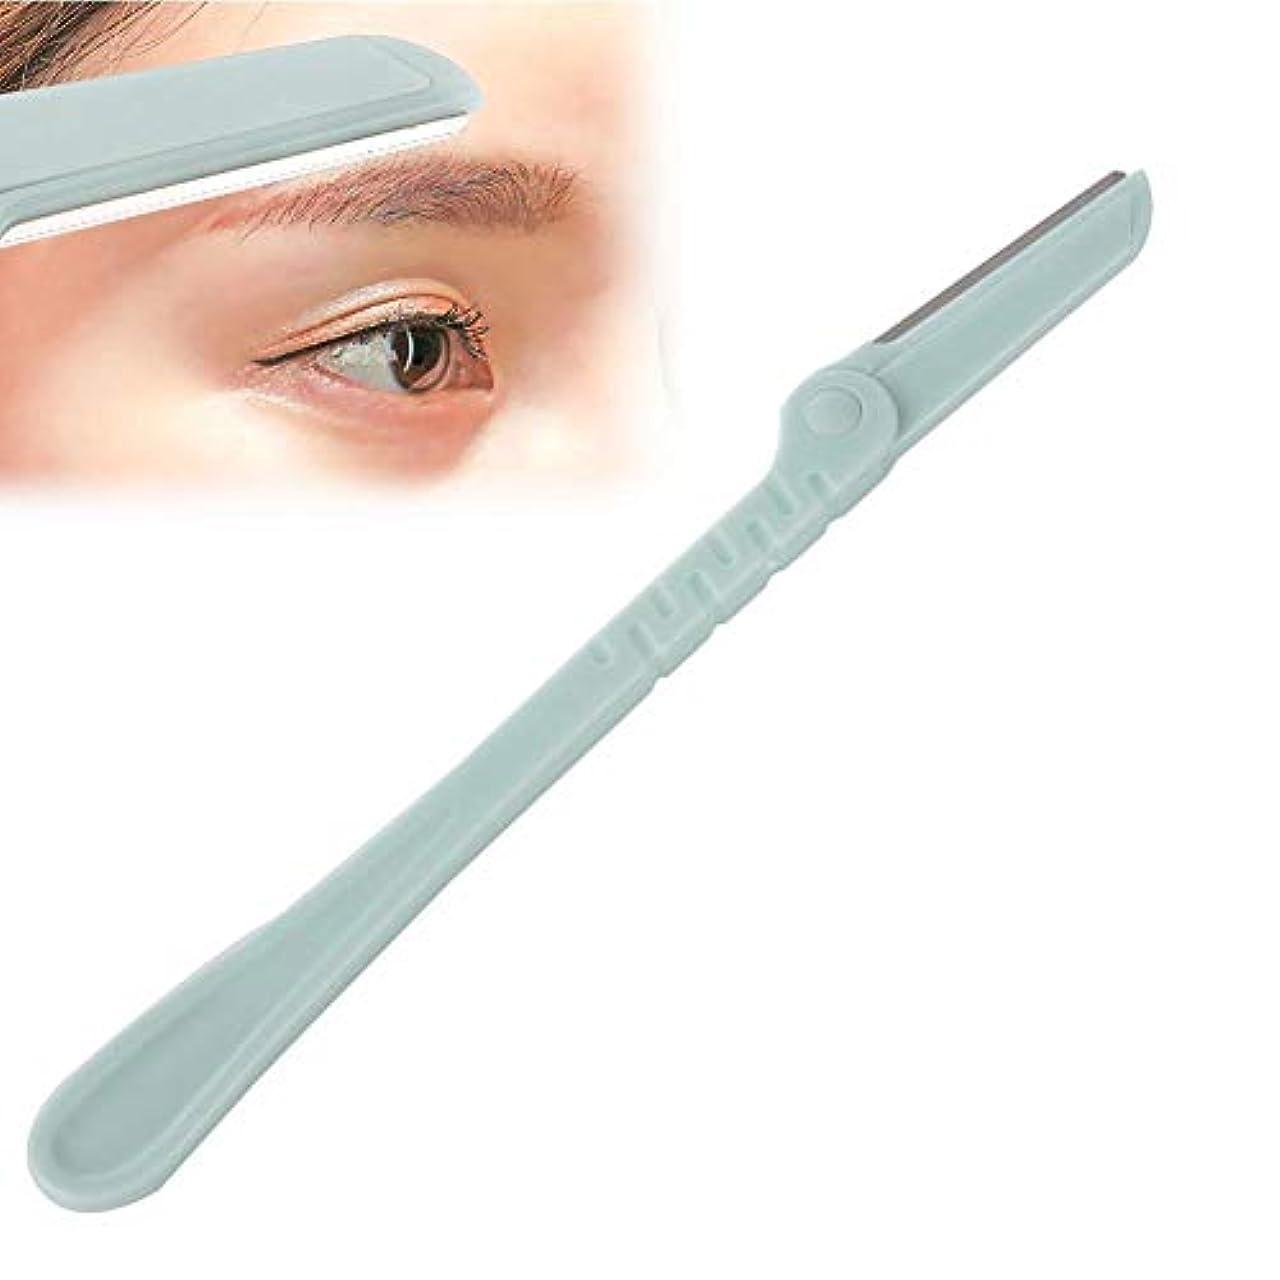 夢中糞フェリー1ピース眉毛カミソリ化粧道具 - 女性と男性の顔のリムーバー、眉毛カミソリの顔かみそりのヘアトリマーヘアトリマーのための美しい眉毛